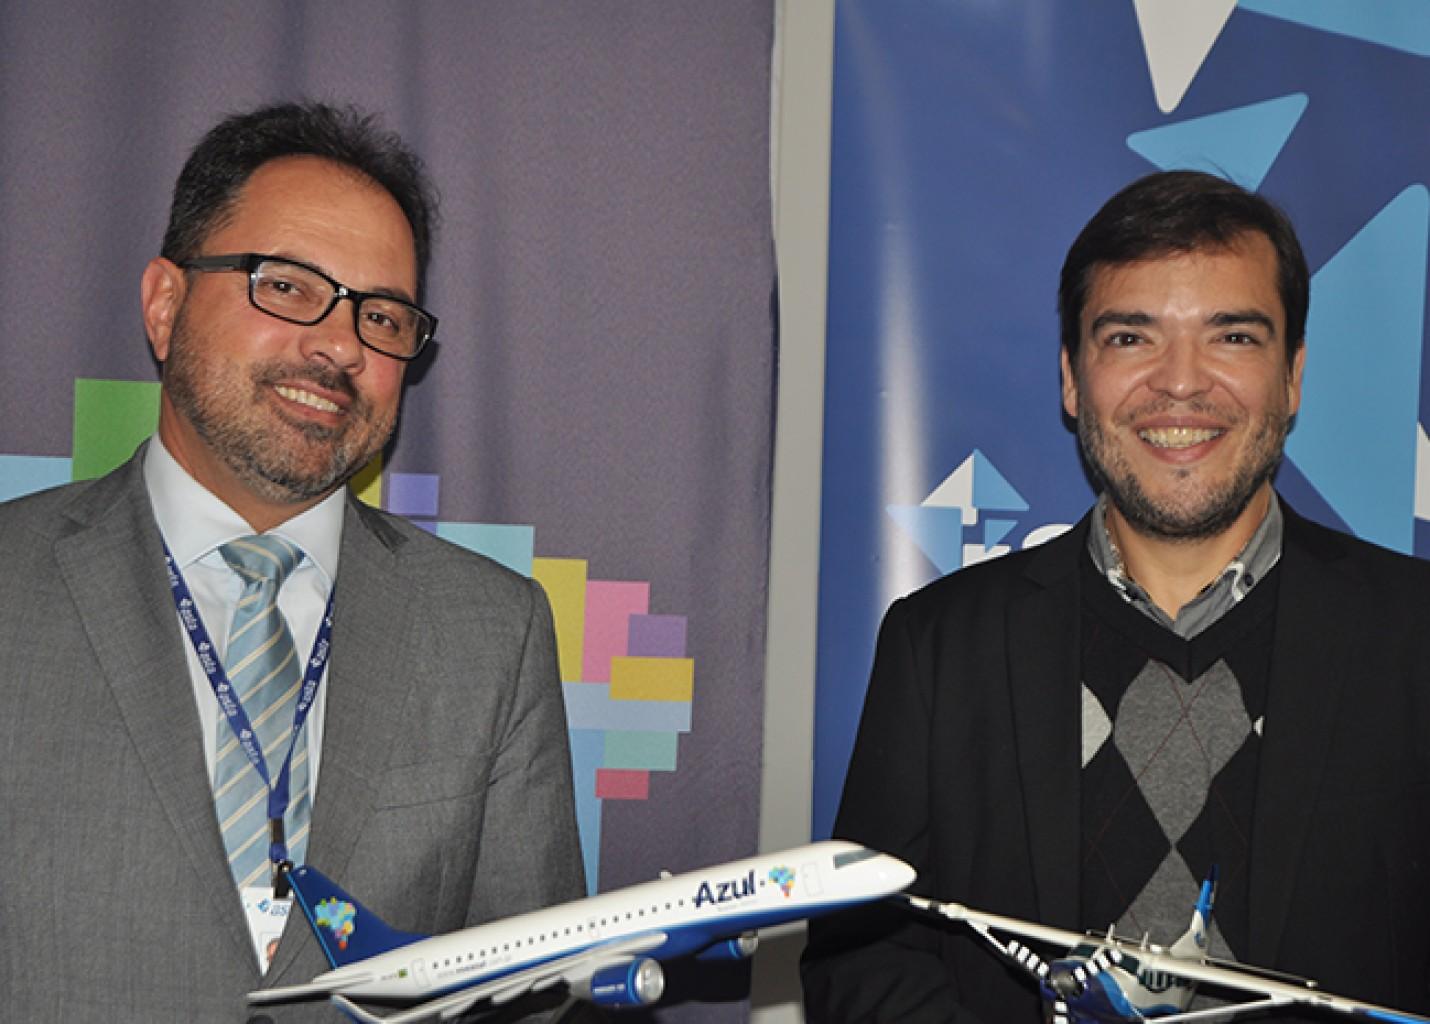 Azul anuncia acordo com Asta e passa a atender mais 9 cidades no Mato Grosso